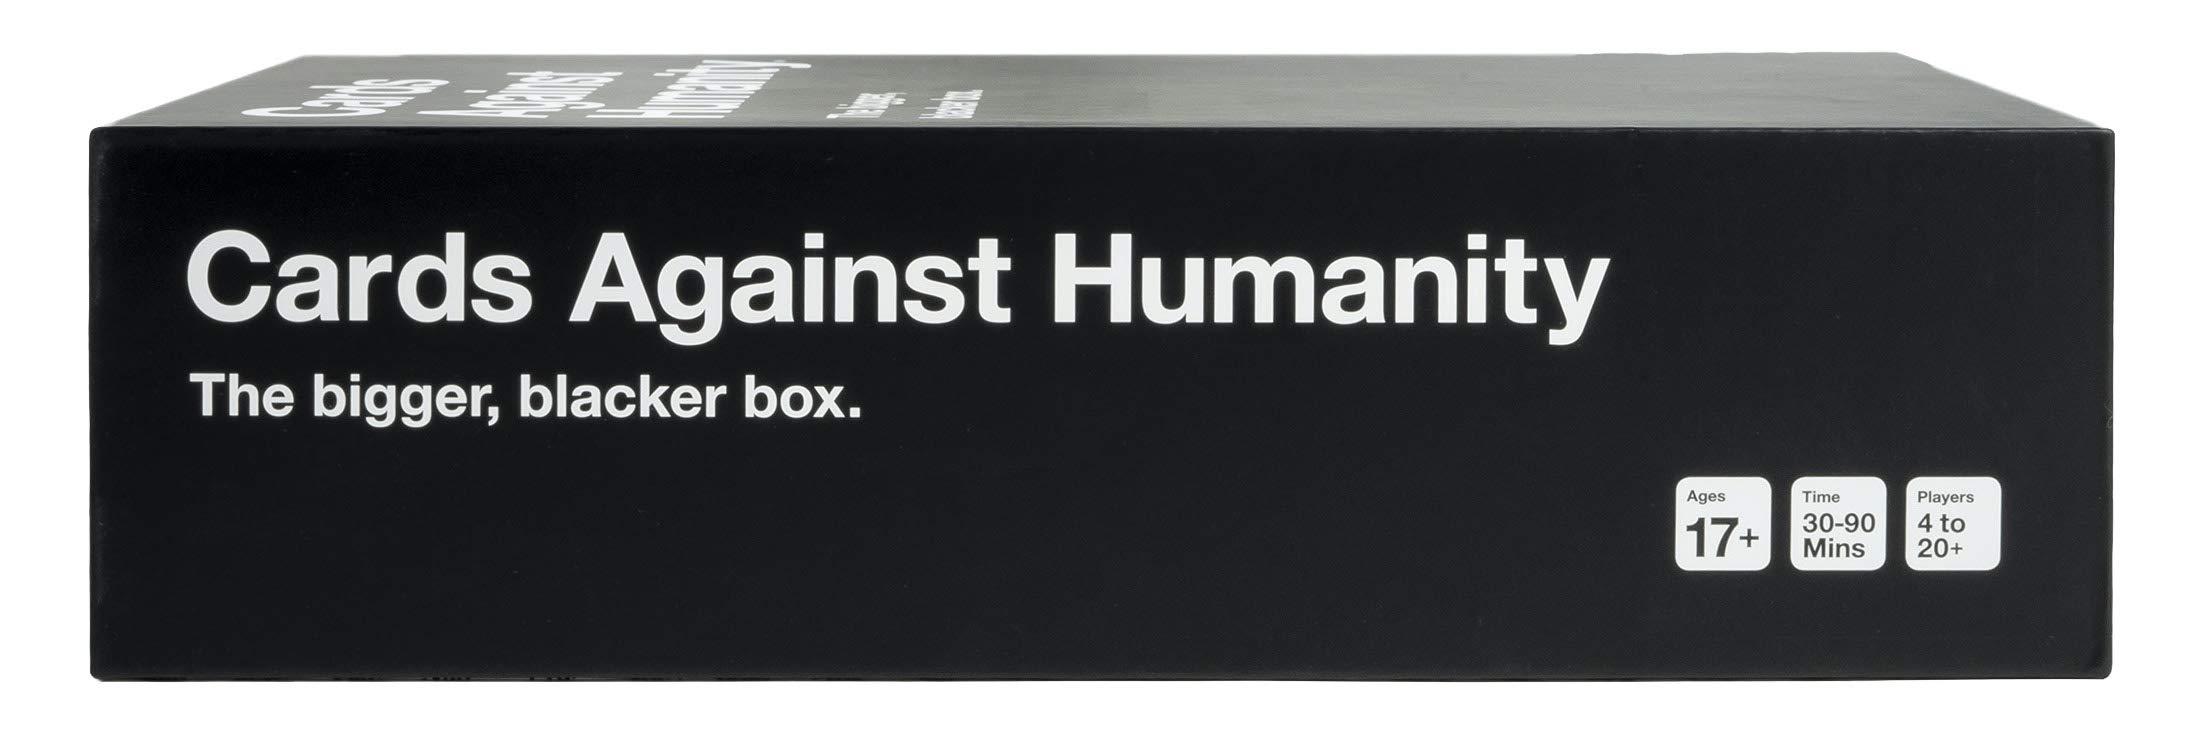 Cards Against Humanity: The Bigger, Blacker Box: Amazon.es: Juguetes y juegos